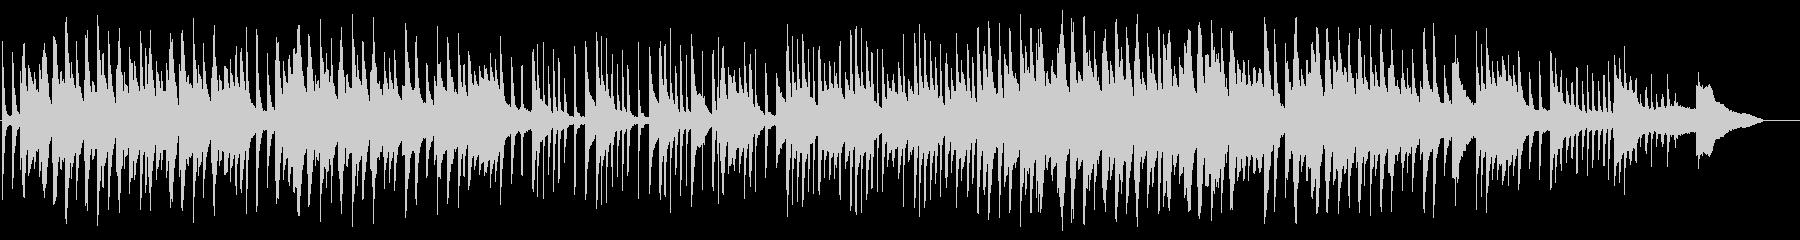 切ないメロディが叙情的なピアノBGMの未再生の波形